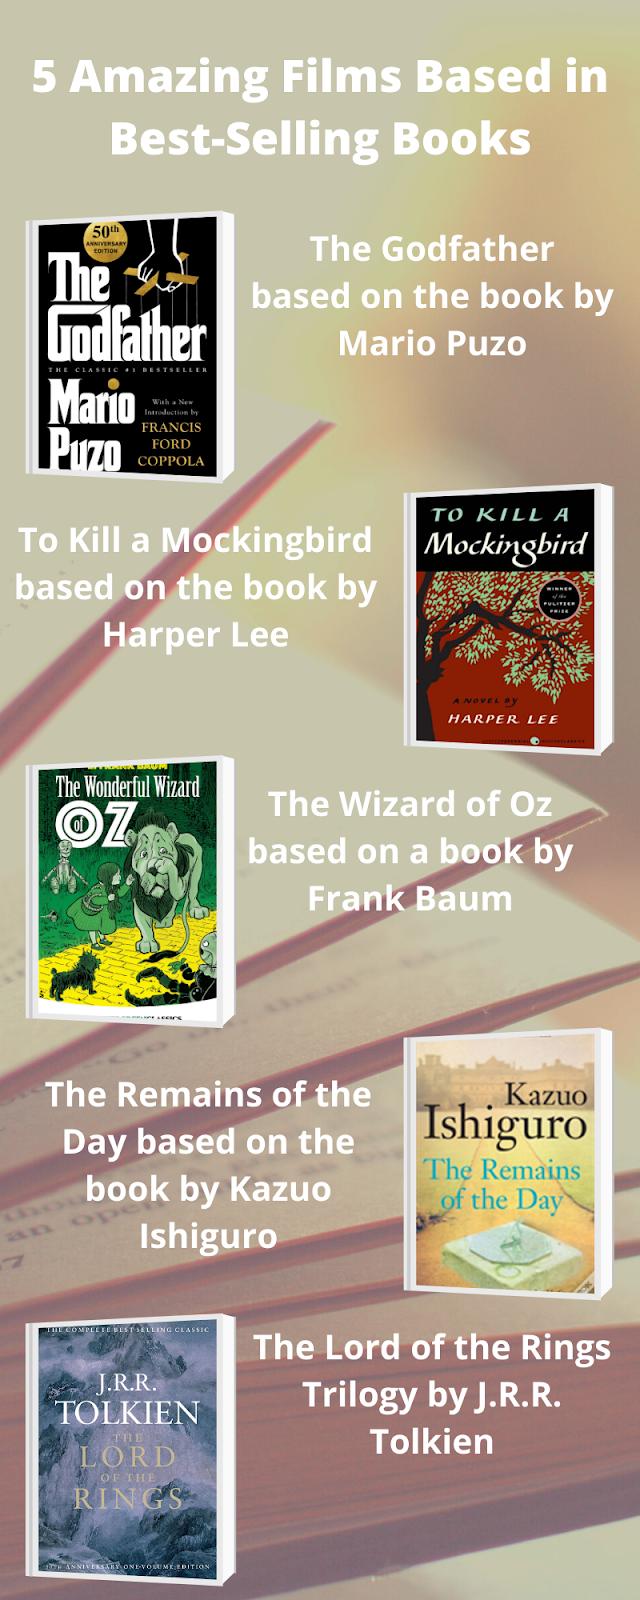 5 Filmes Icónicos Baseados em Livros Best Seller